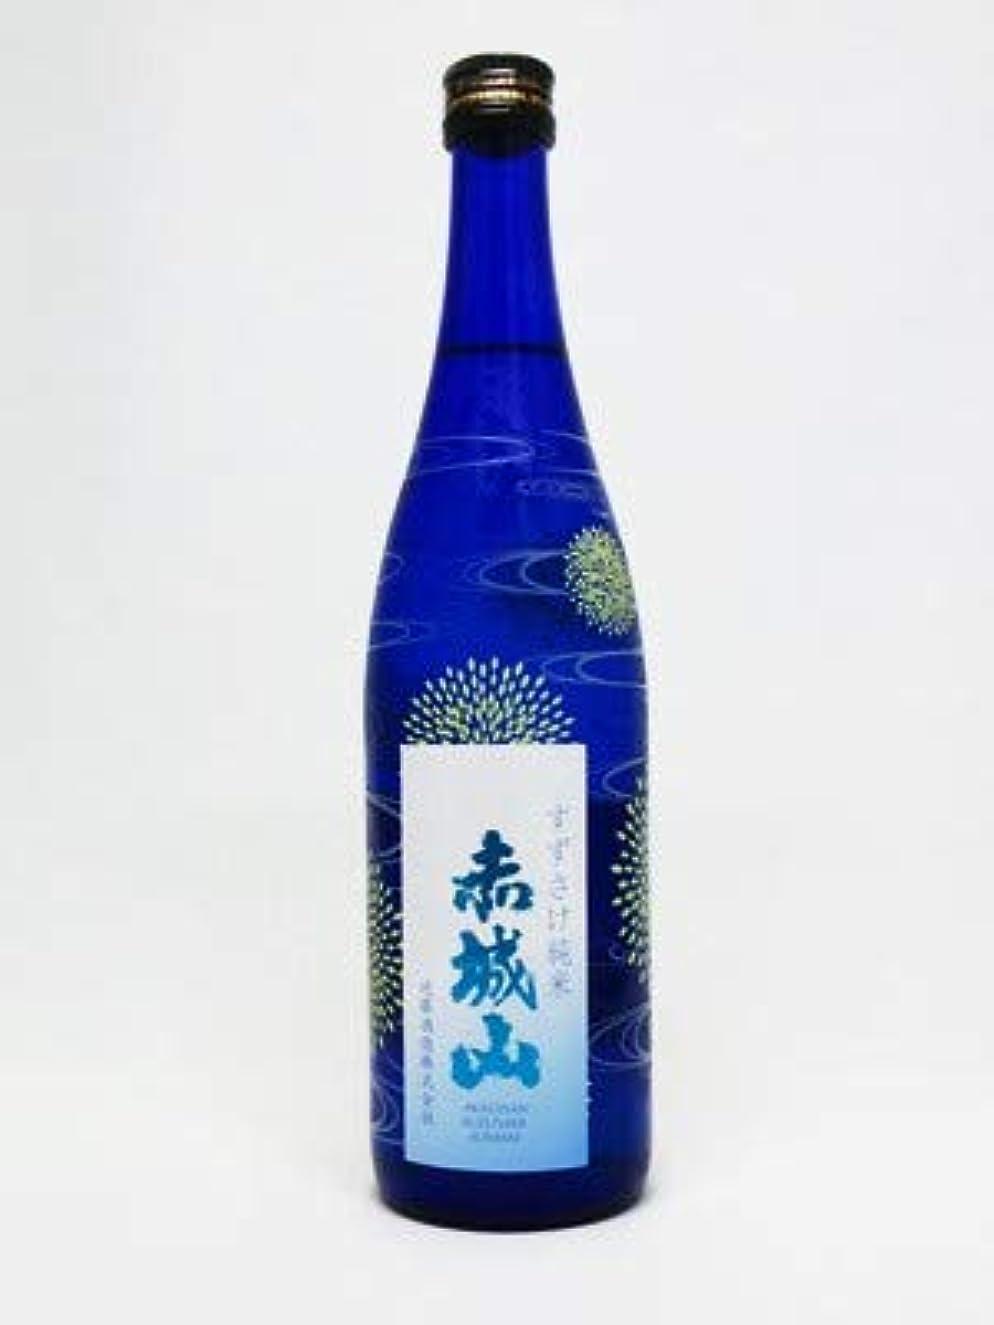 眼勇敢な衝動日本酒 赤城山 純米酒 すずさけ純米 生貯蔵酒 720ml 近藤酒造 要冷蔵